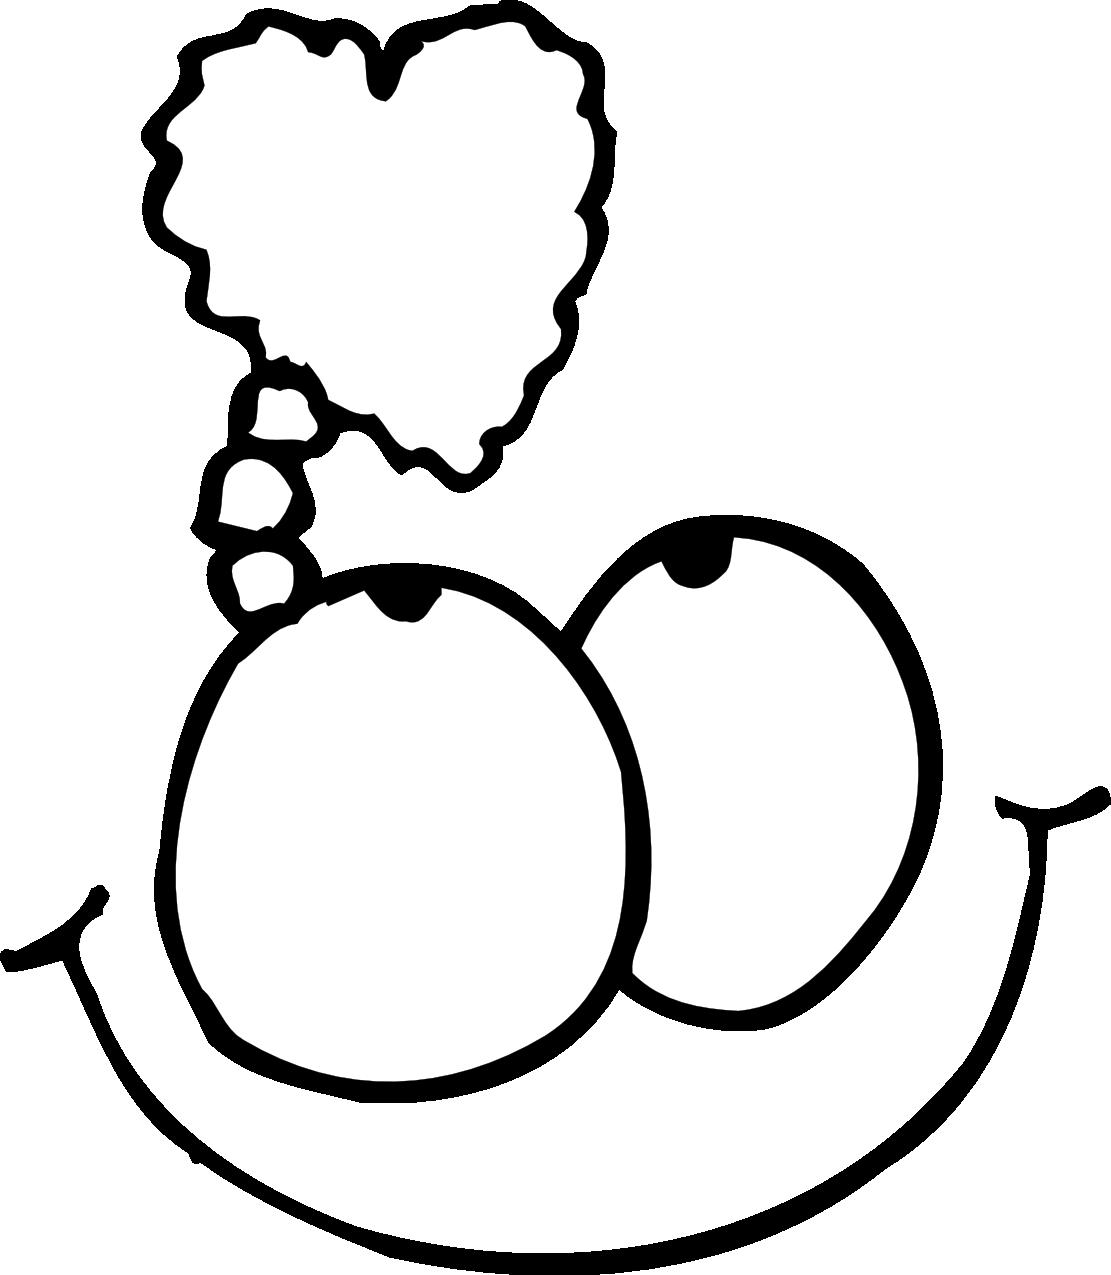 Eye clip art panda. Forklift clipart black and white